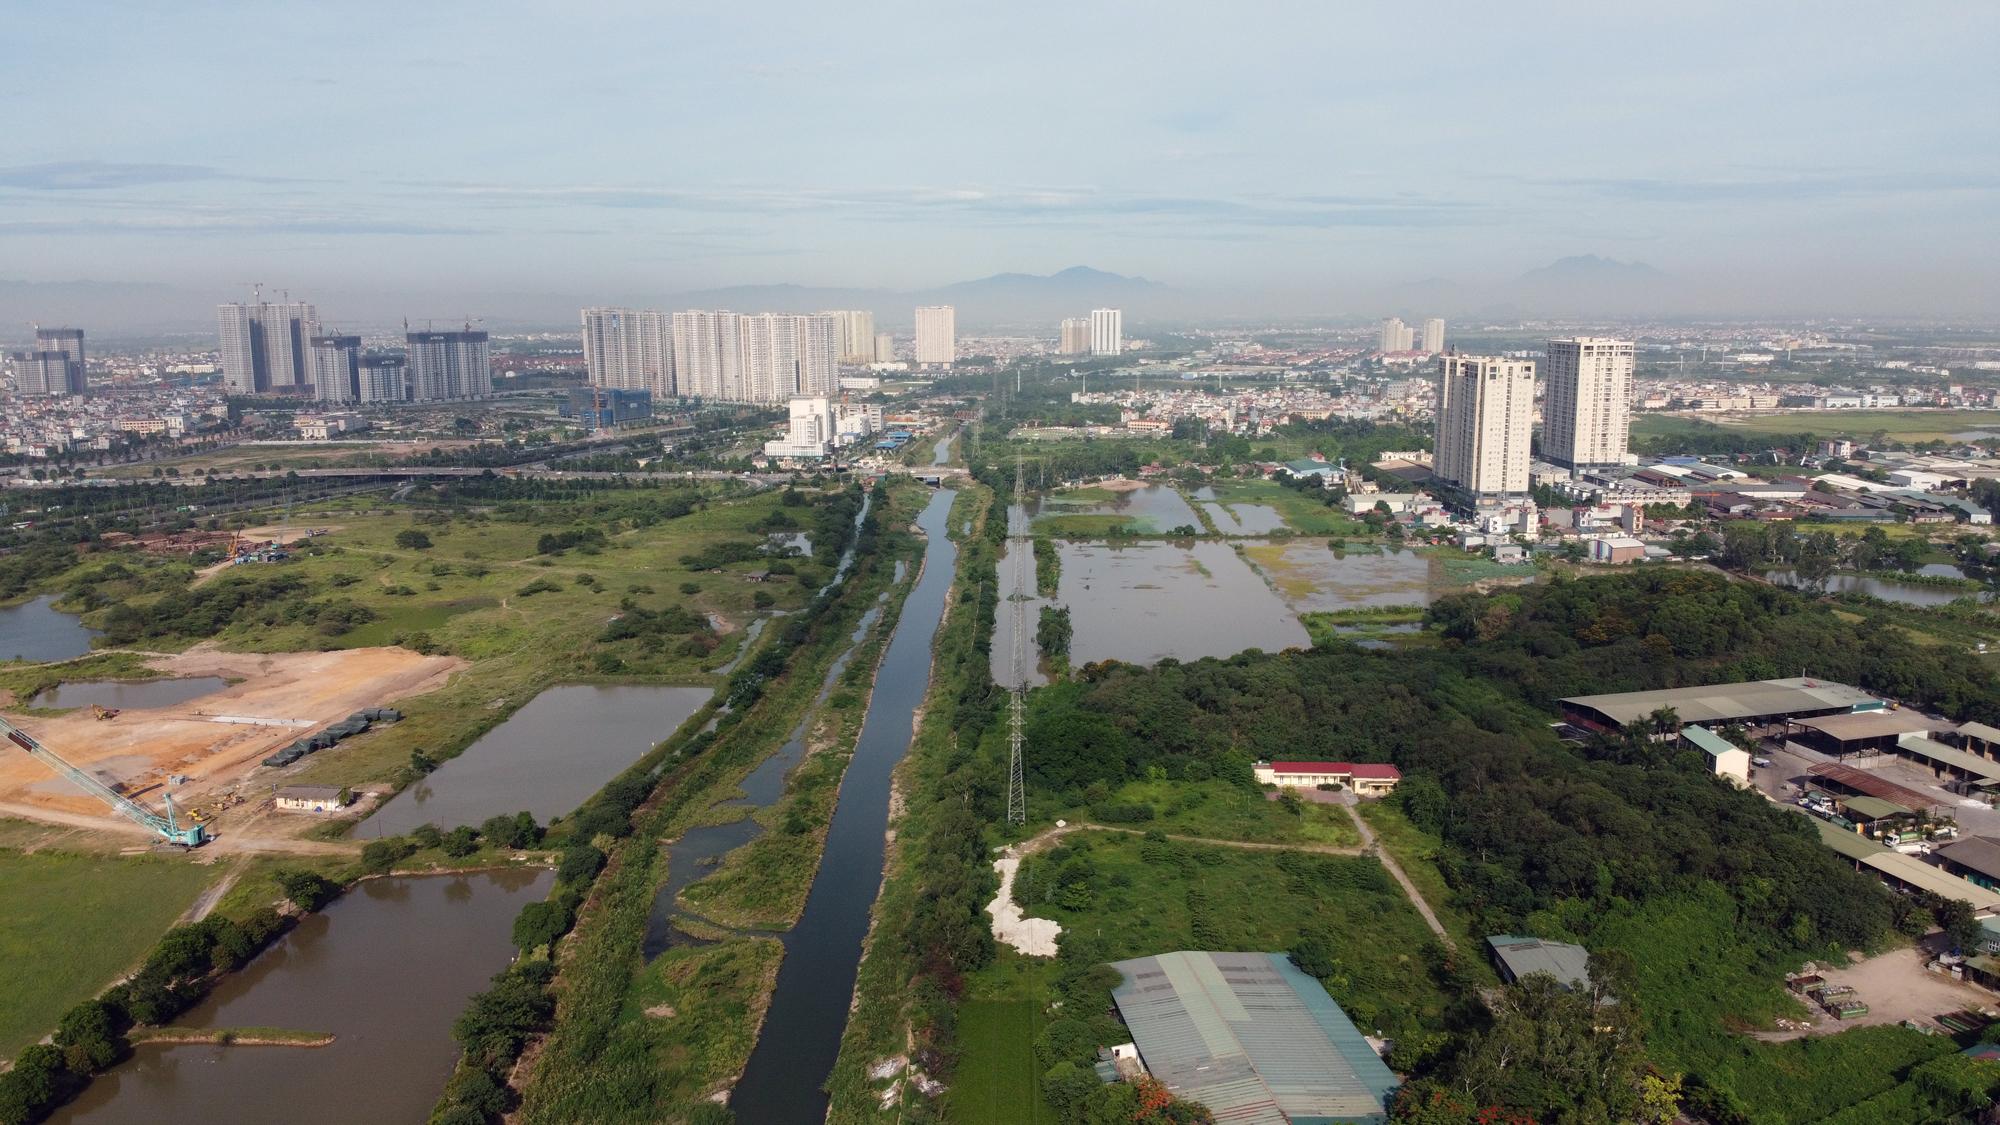 Toàn cảnh nơi xây dựng tuyến đường dài 3km trị giá gần 500 tỉ đồng ở quận Nam Từ Liêm - Ảnh 4.